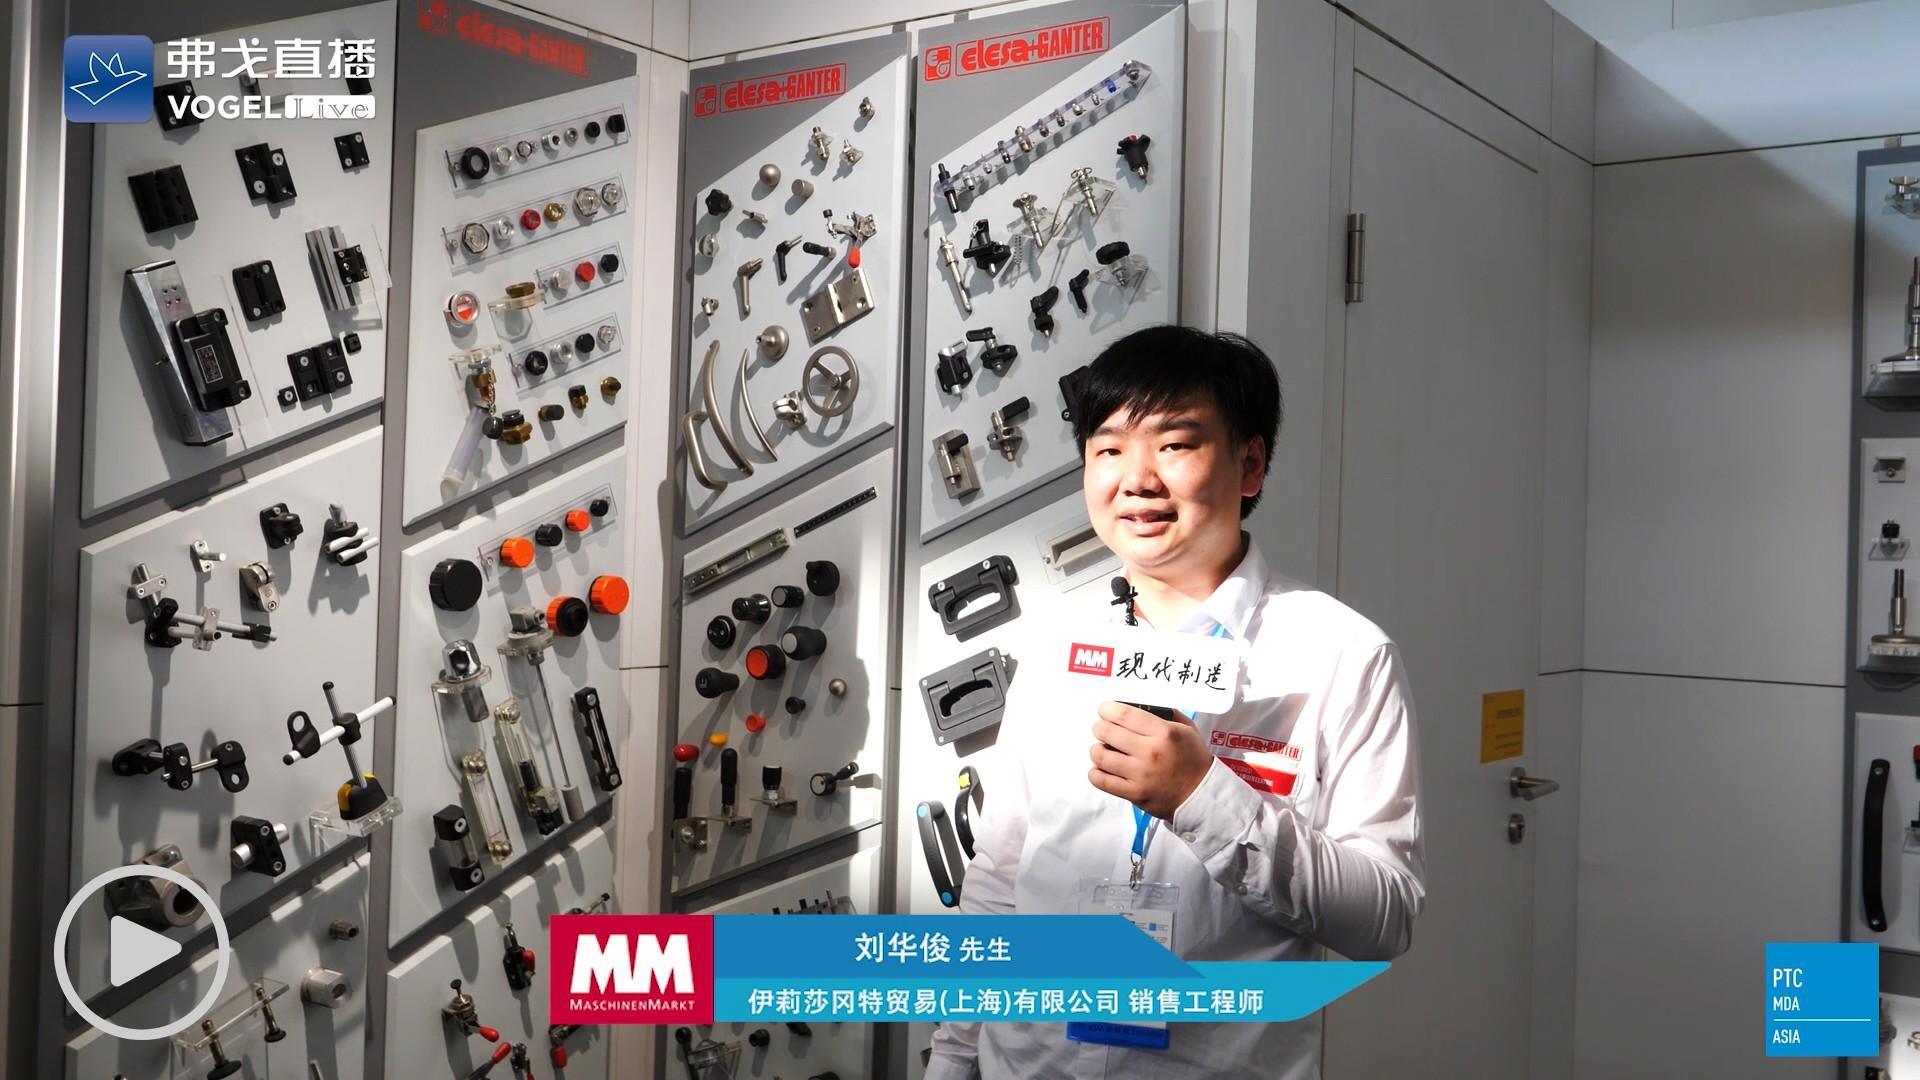 伊莉莎冈特贸易(上海)有限公司 销售工程师 - 刘华俊 先生